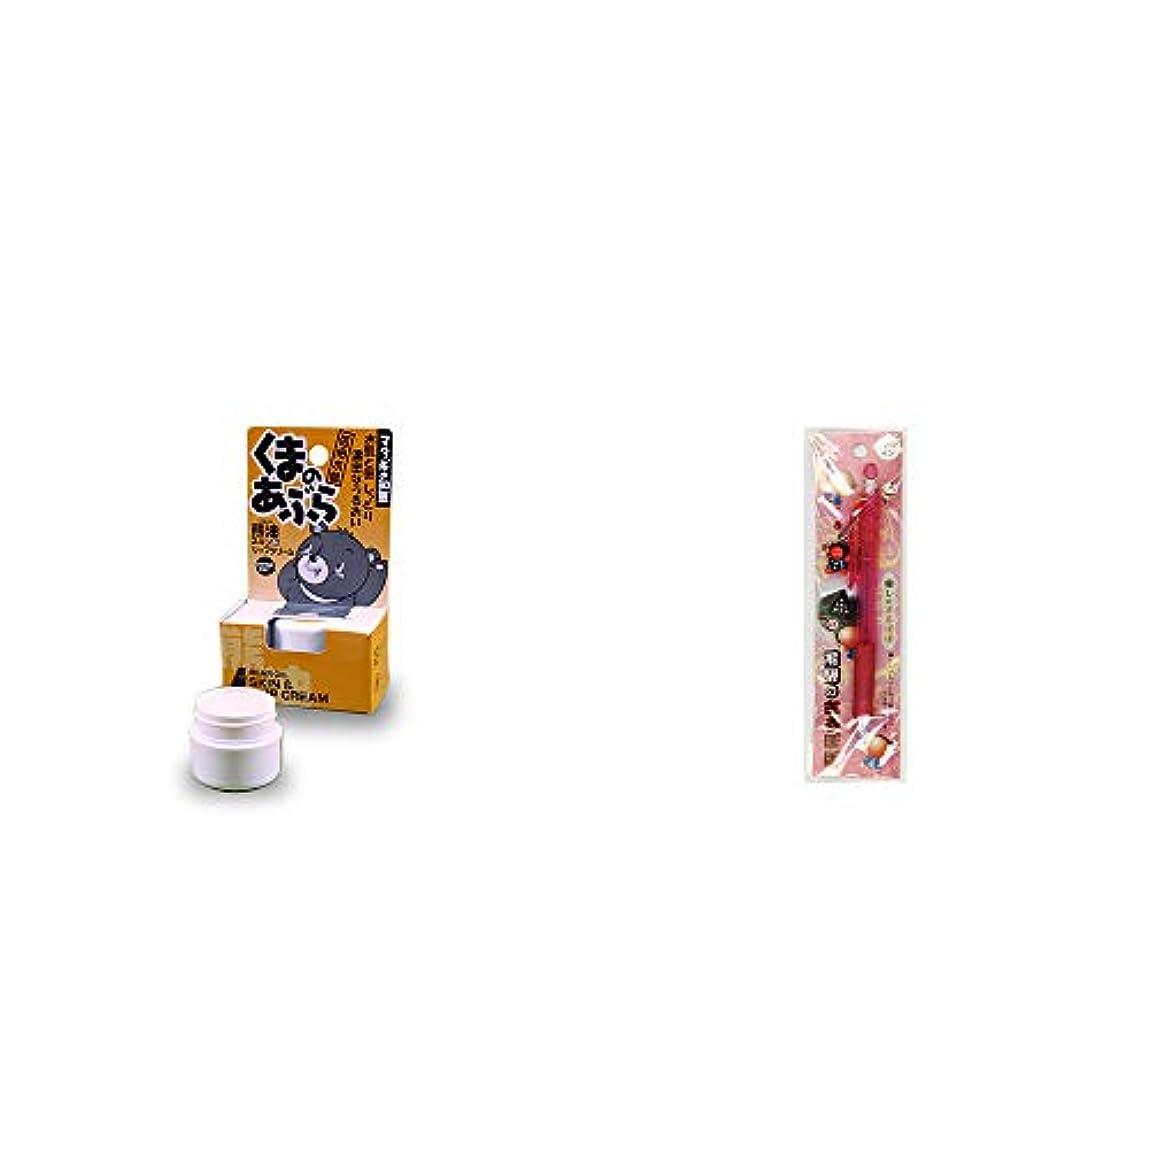 邪魔する議題落ち着く[2点セット] 信州木曽 くまのあぶら 熊油スキン&リップクリーム(9g)?さるぼぼ 癒しシャープペン 【ピンク】